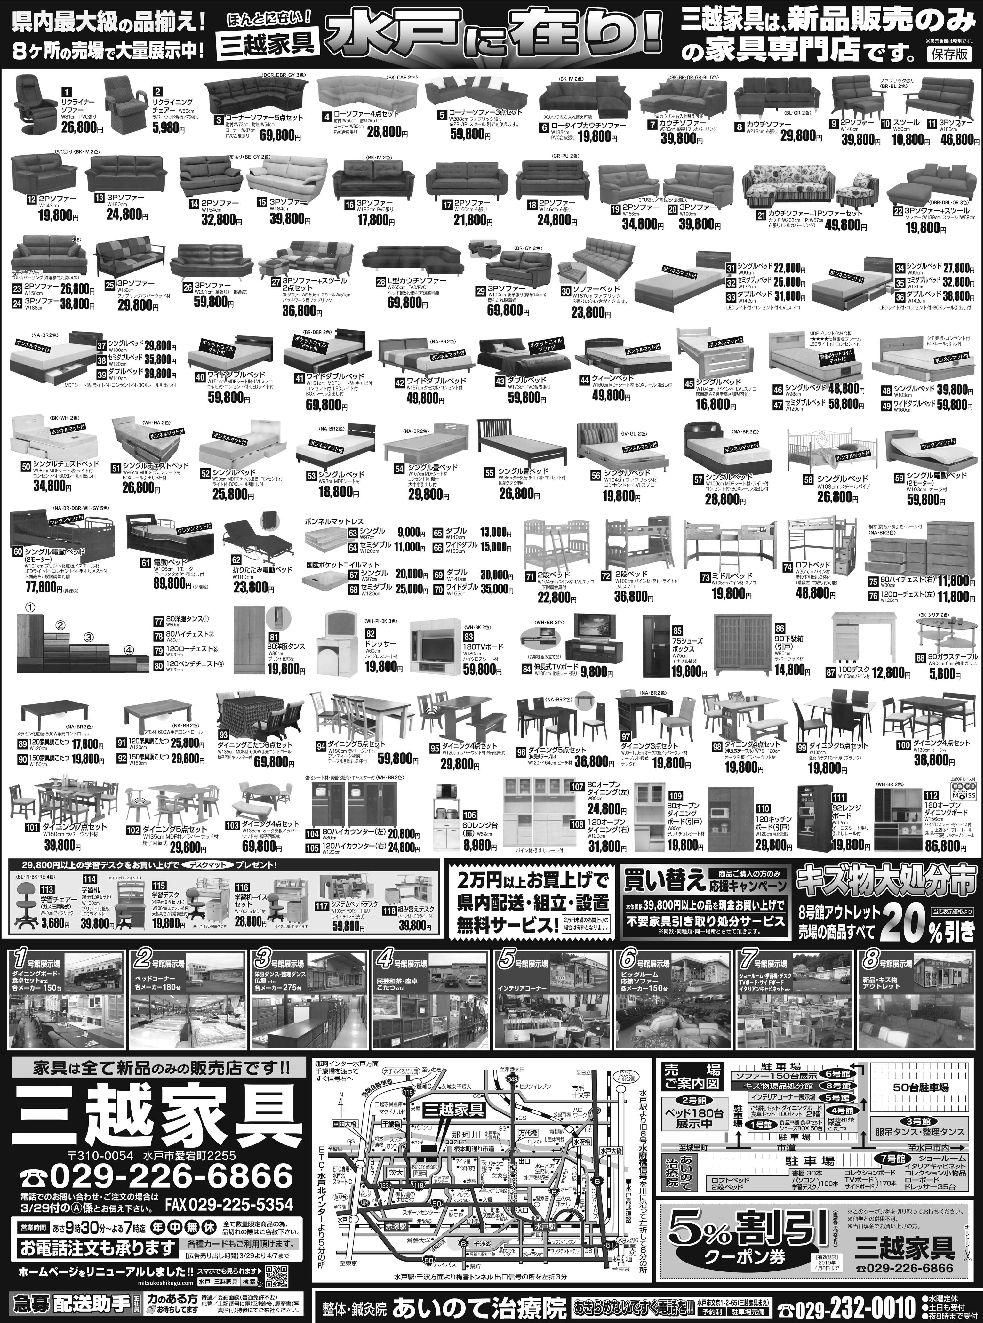 朝日0330